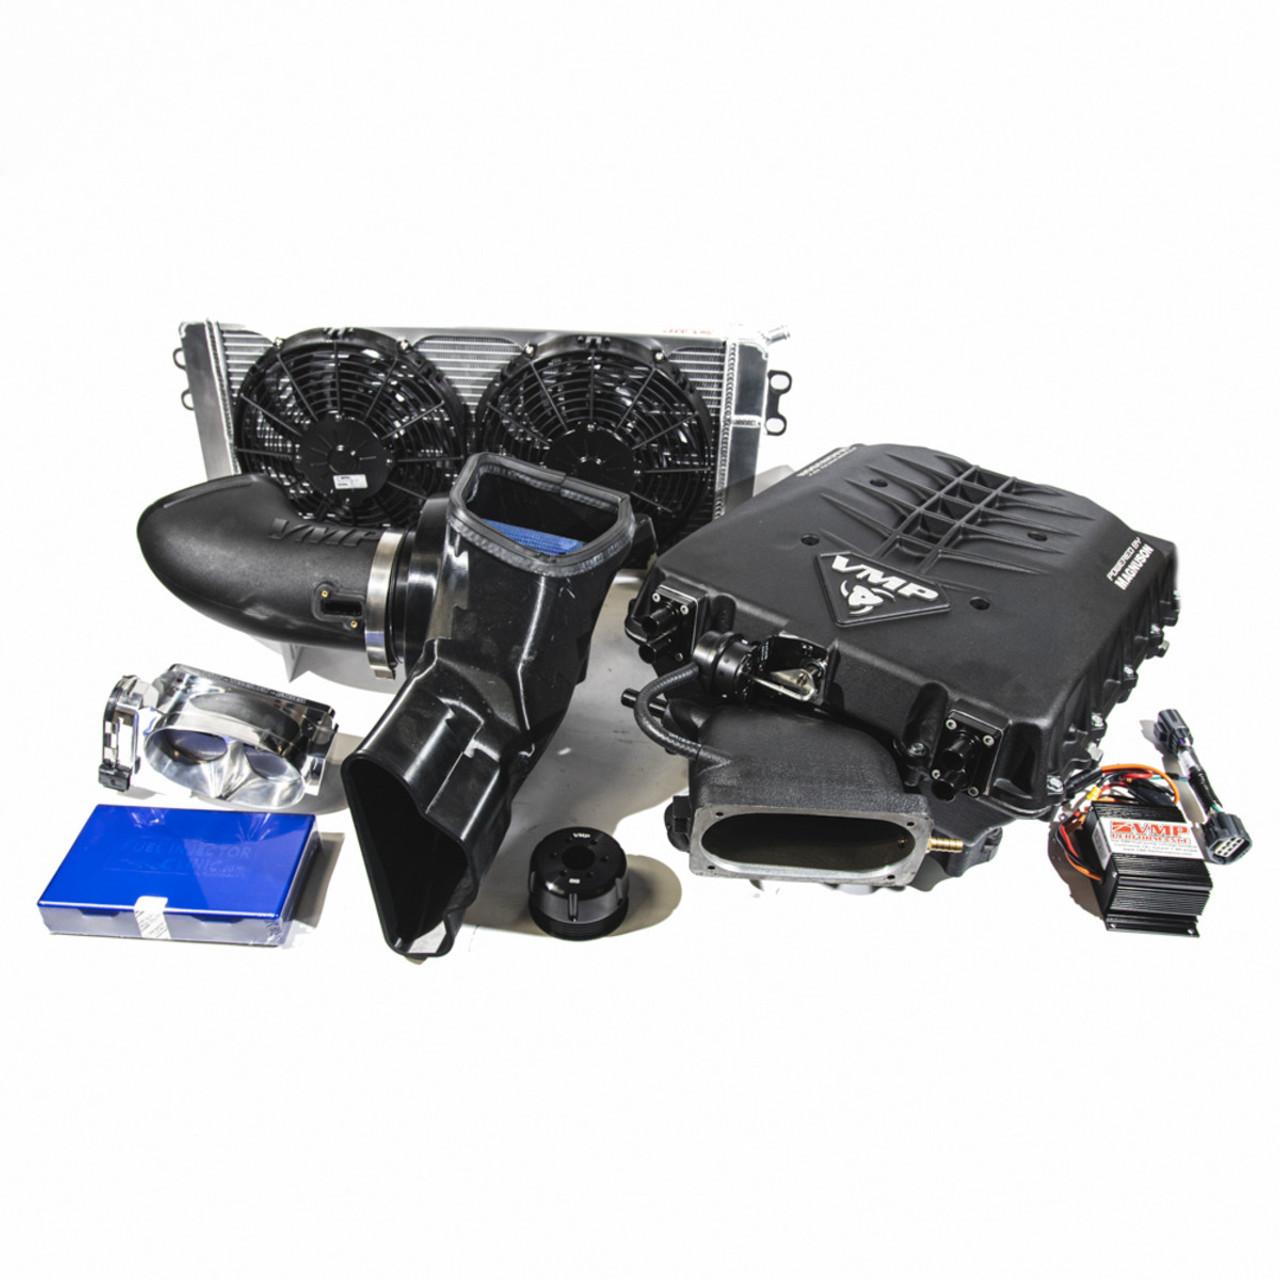 VMP ODIN Supercharger Kit (2018+ Mustang) VMP-SK1820MODIN